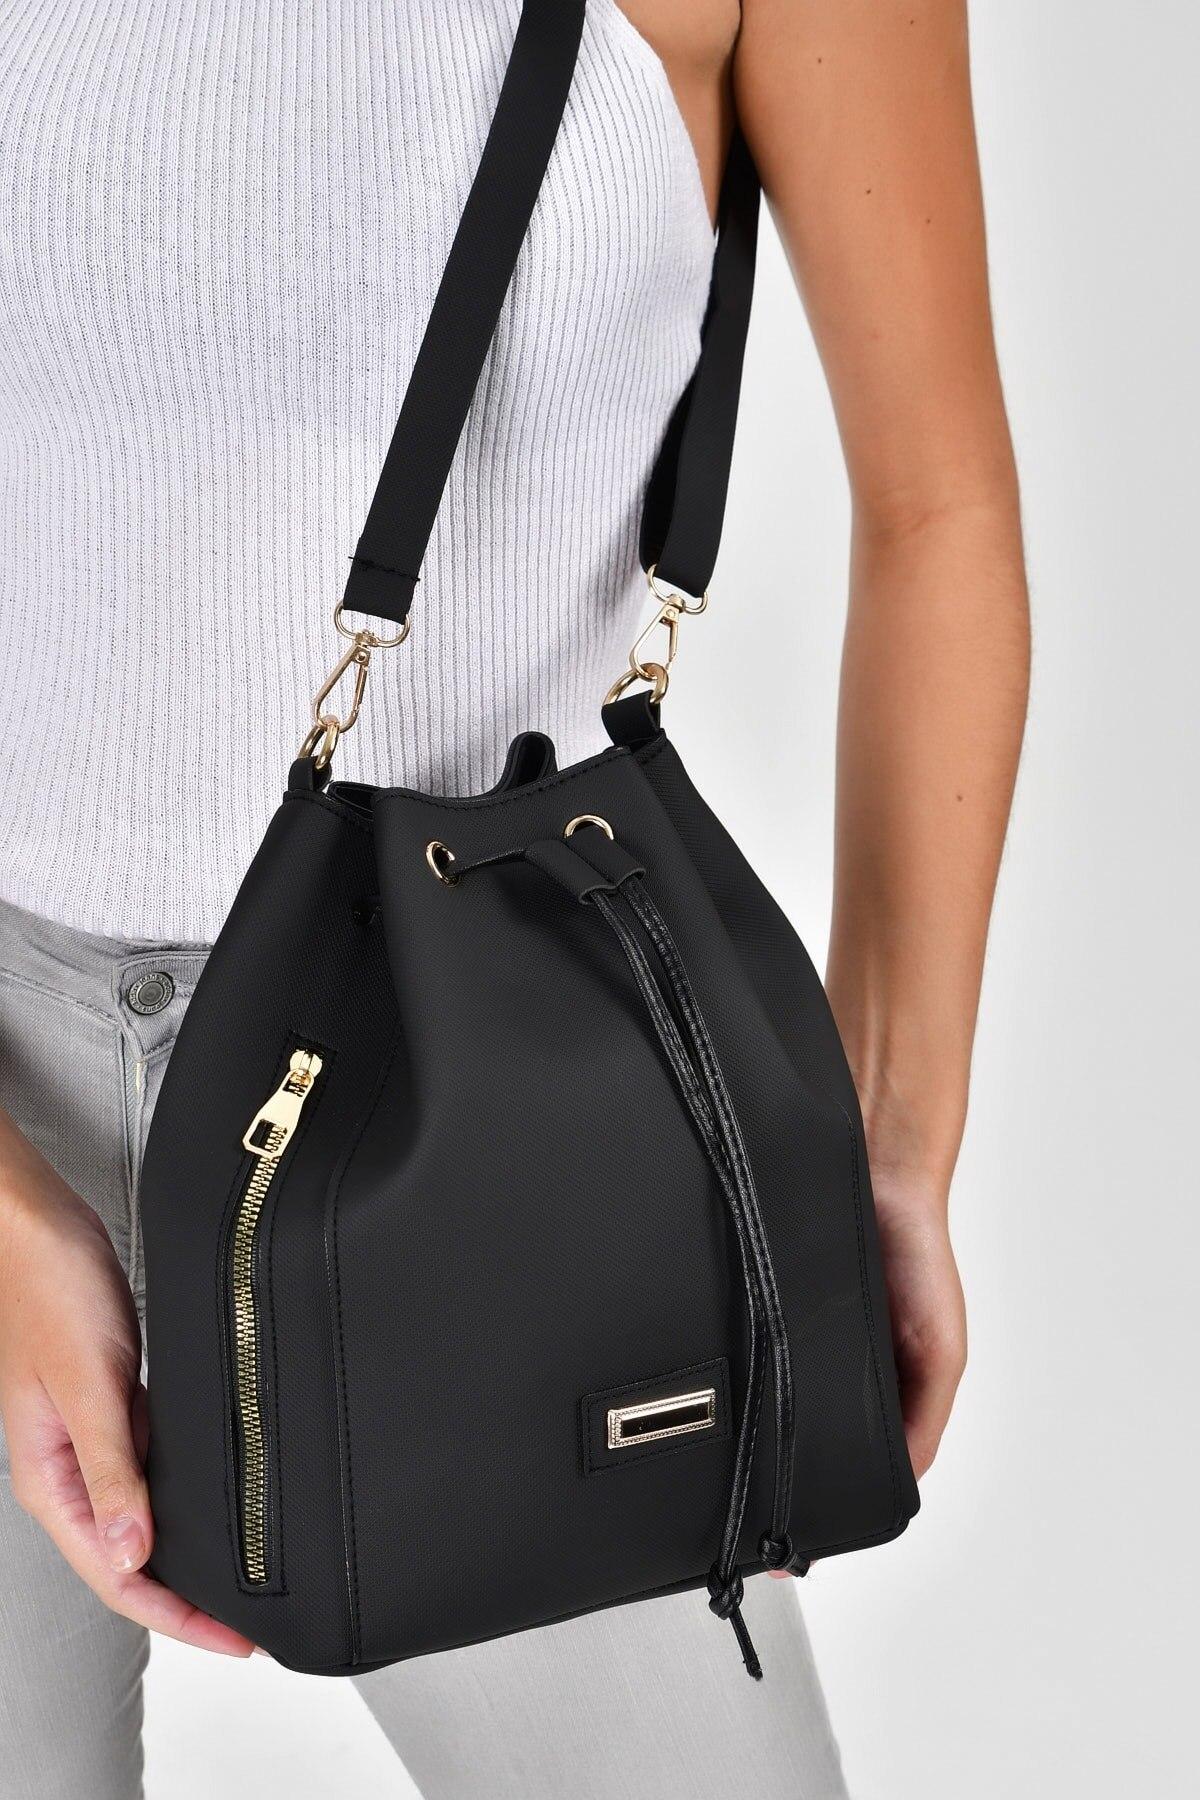 Фото - Женская сумка-тоут, сумка через плечо 2020, сумка через плечо, женская сумка из супер кожи сумка через плечо женская tamaris matilda 2959182 518 светло розовый